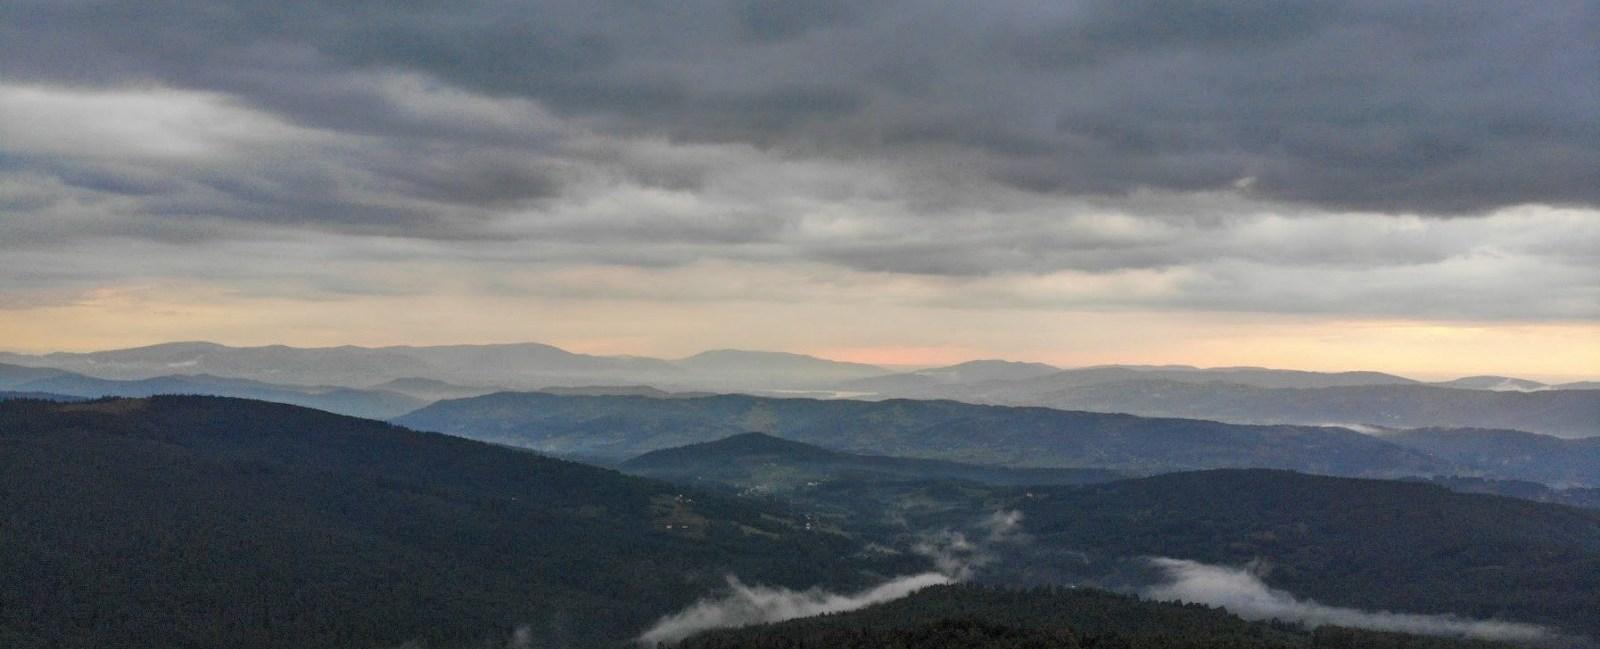 Jałowiec góra, Beskid Makowski